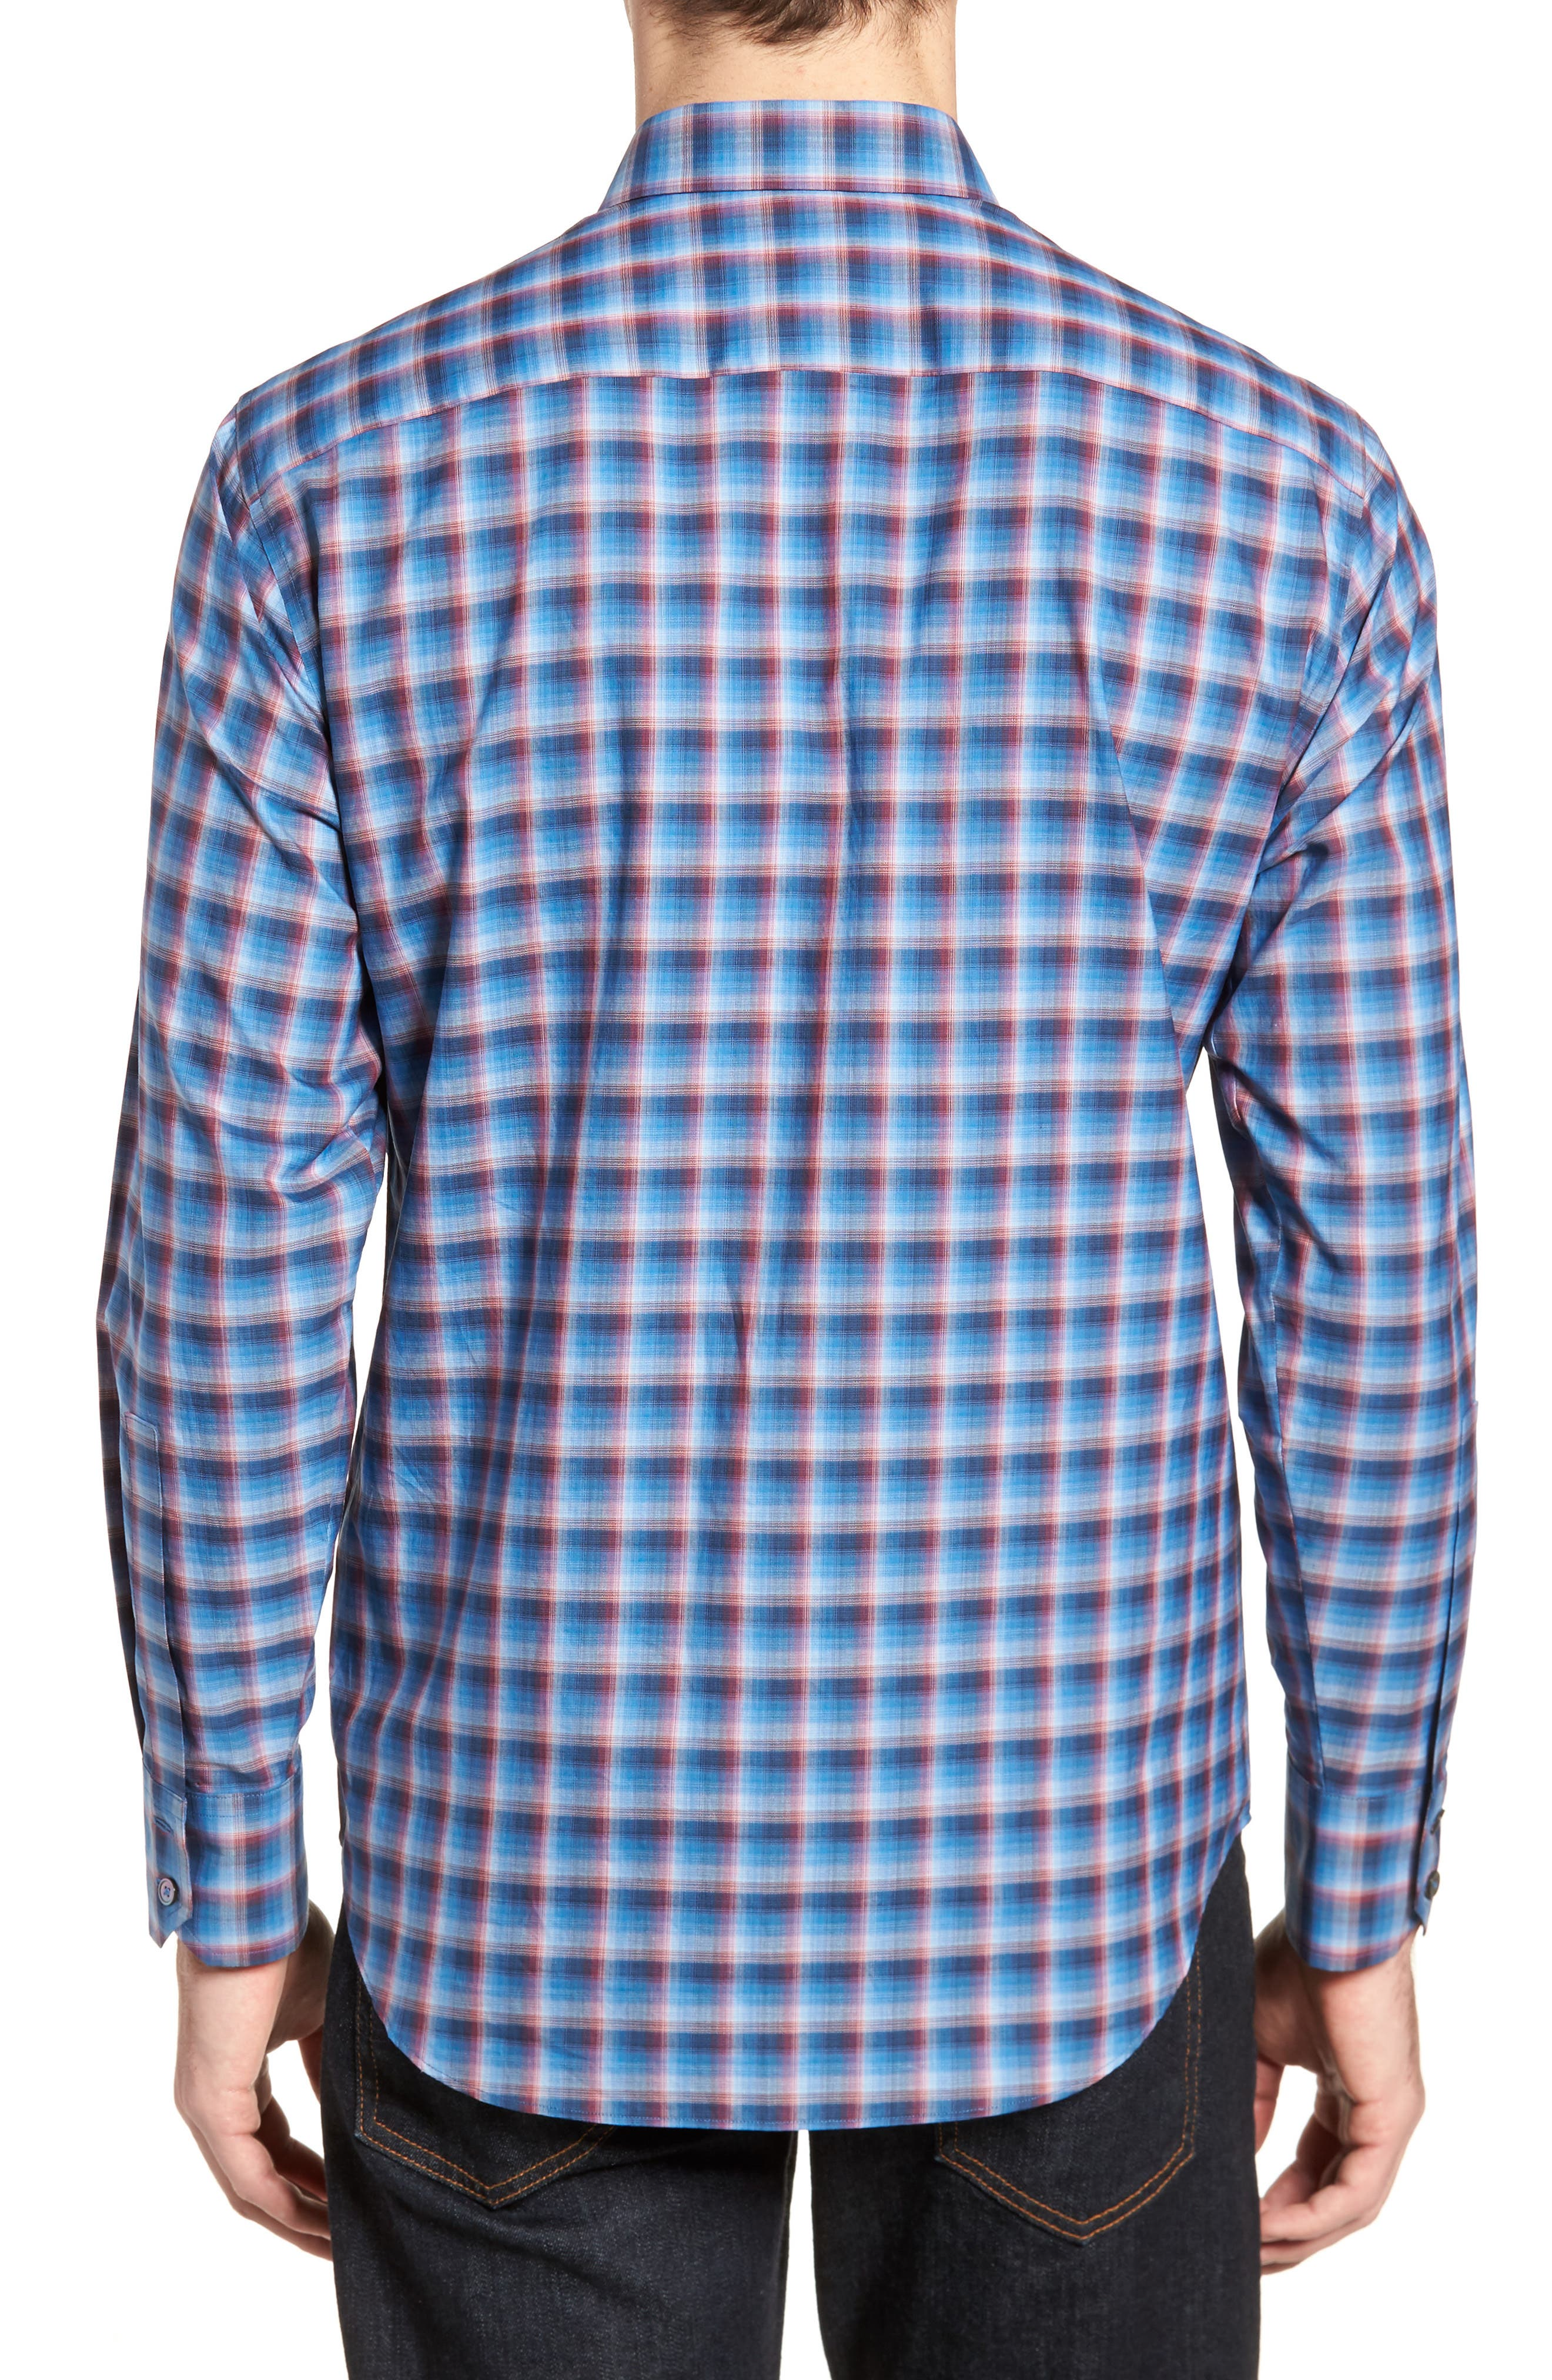 Pinker Plaid Sport Shirt,                             Alternate thumbnail 2, color,                             401